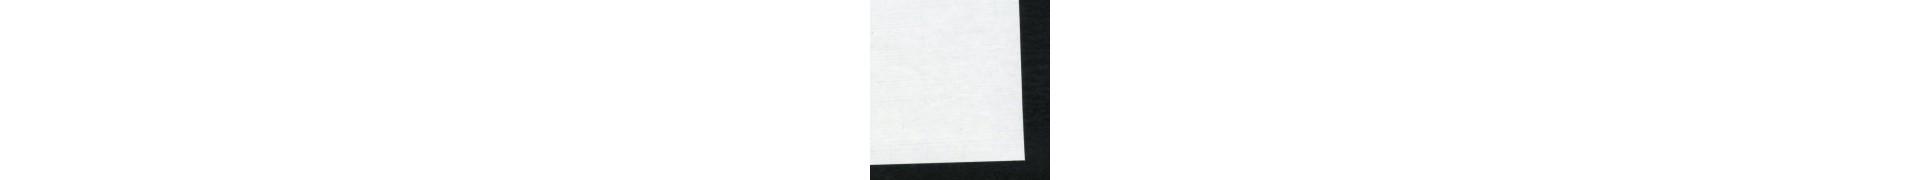 7 x 136 cm - AP 2345W